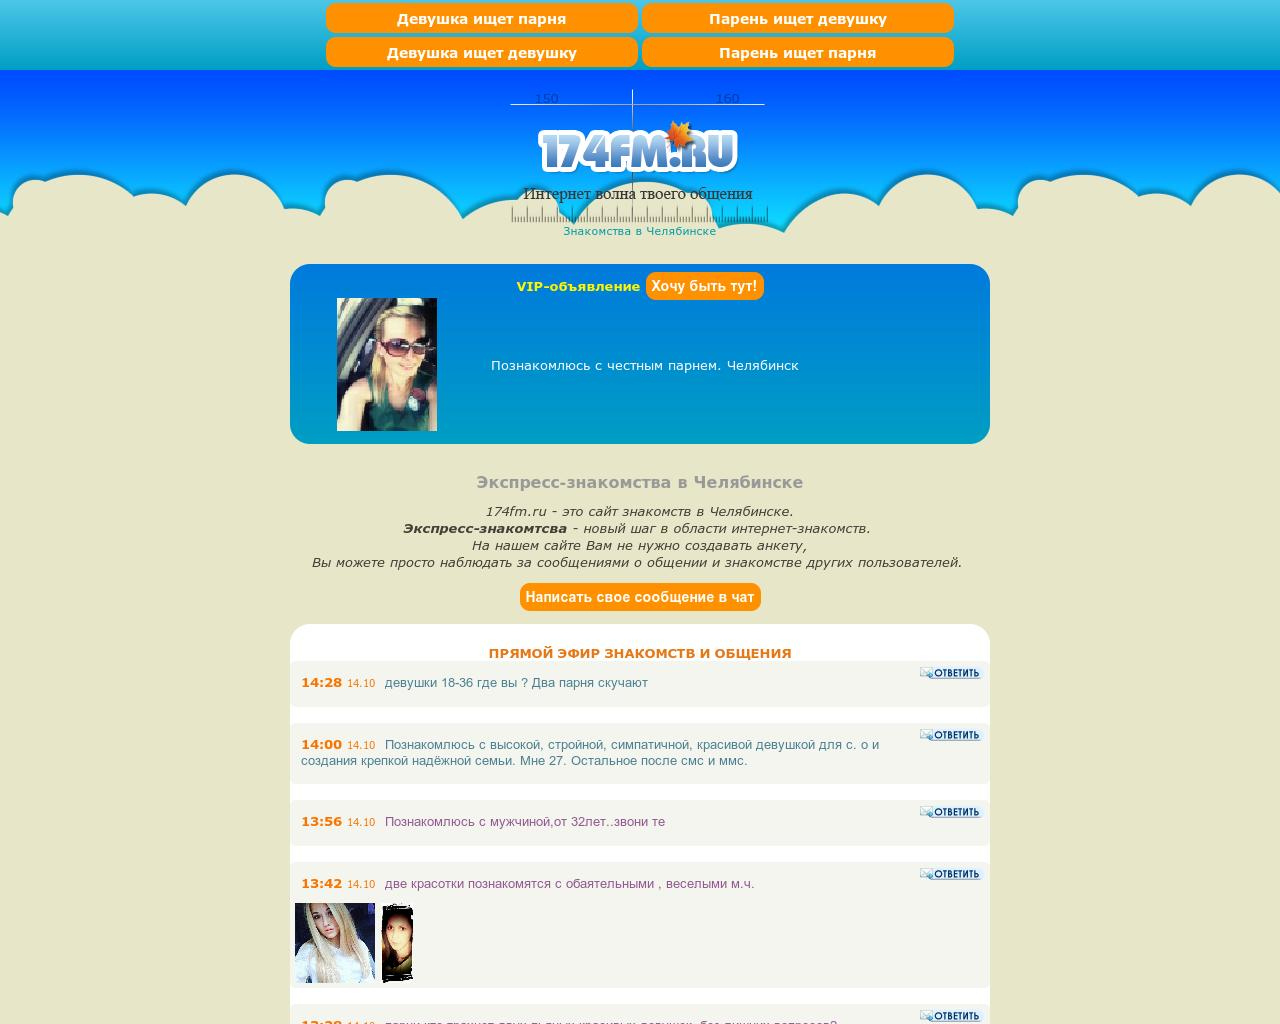 Сайт достлар знакомства